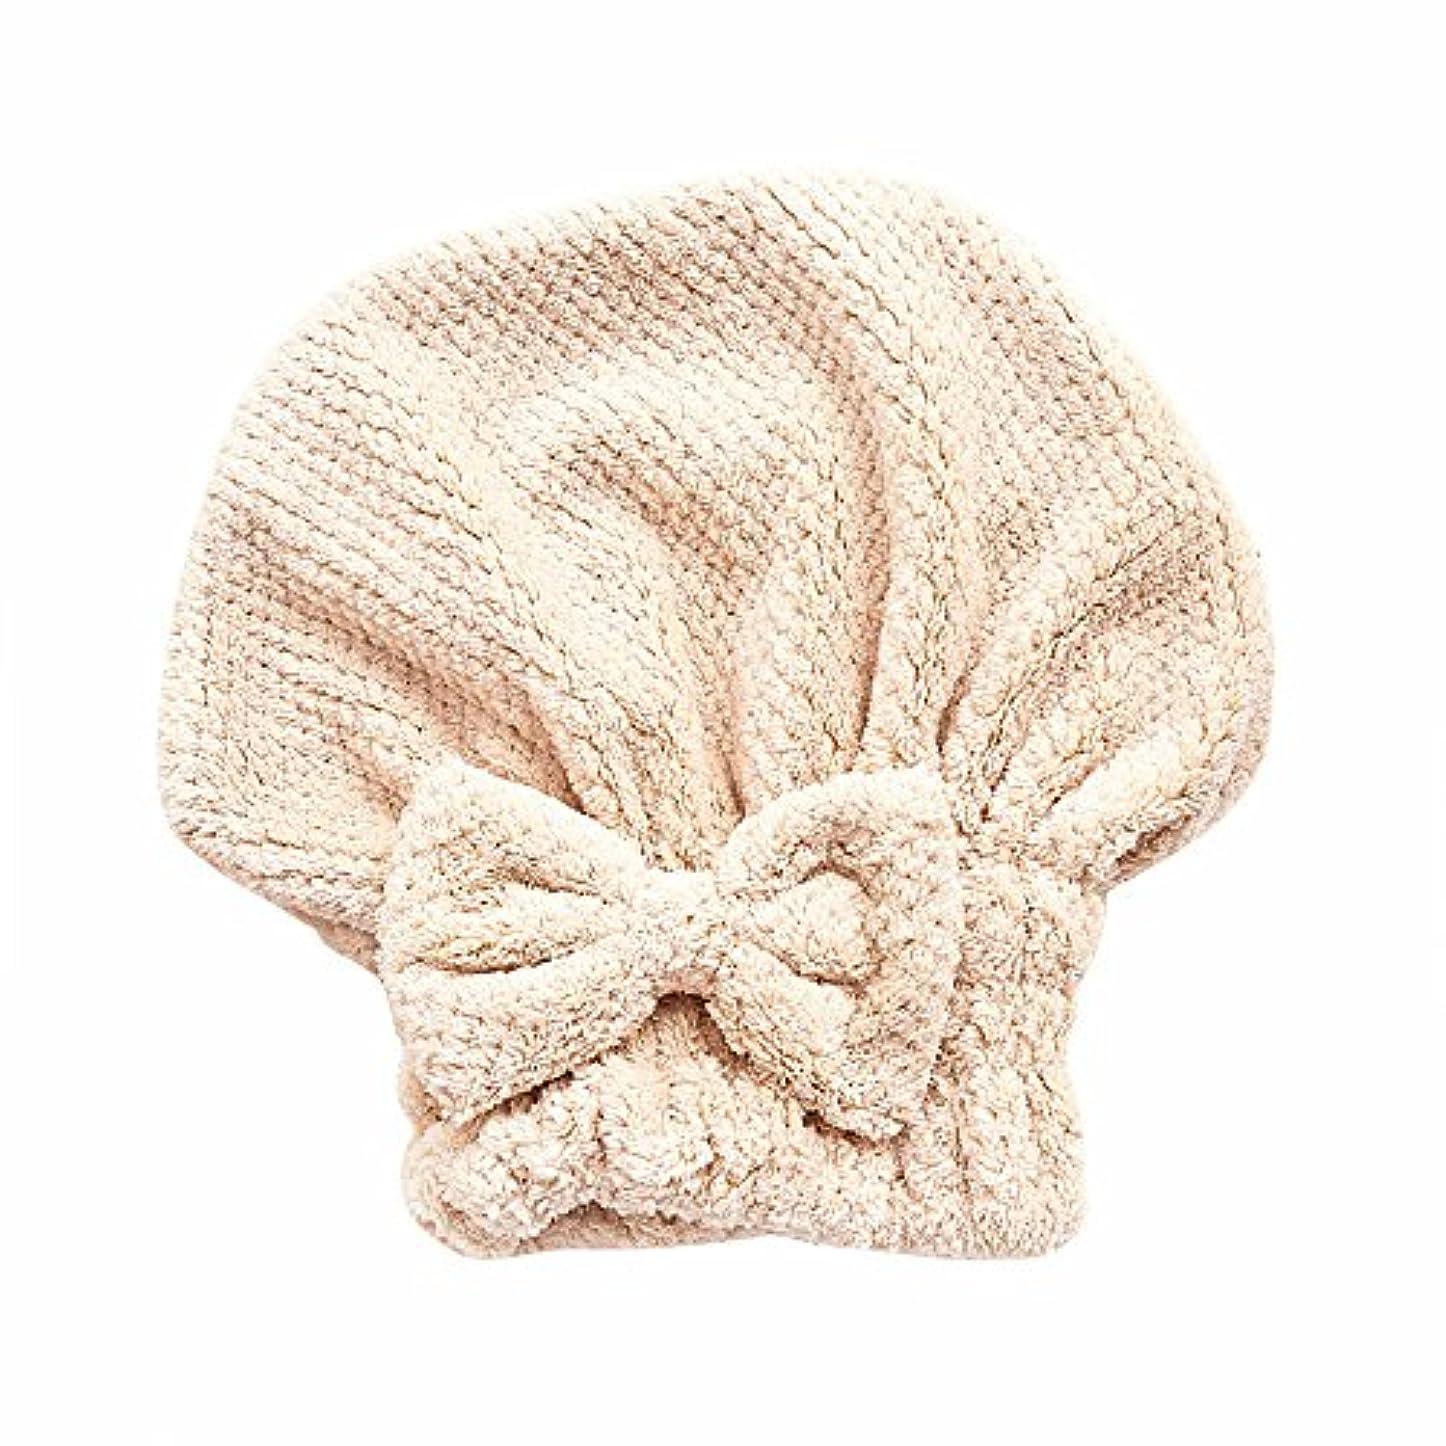 感謝している放射能財団ボコダダ(Vocodada)タオルキャップ ヘアキャップ 吸水 ヘアドライタオル 速乾 マイクロファイバー ヘア 乾燥 タオル 帽子 キャップ 風呂 ふわふわ 厚い 蝶結び 可愛い お姫様 26*27cm (カーキ)